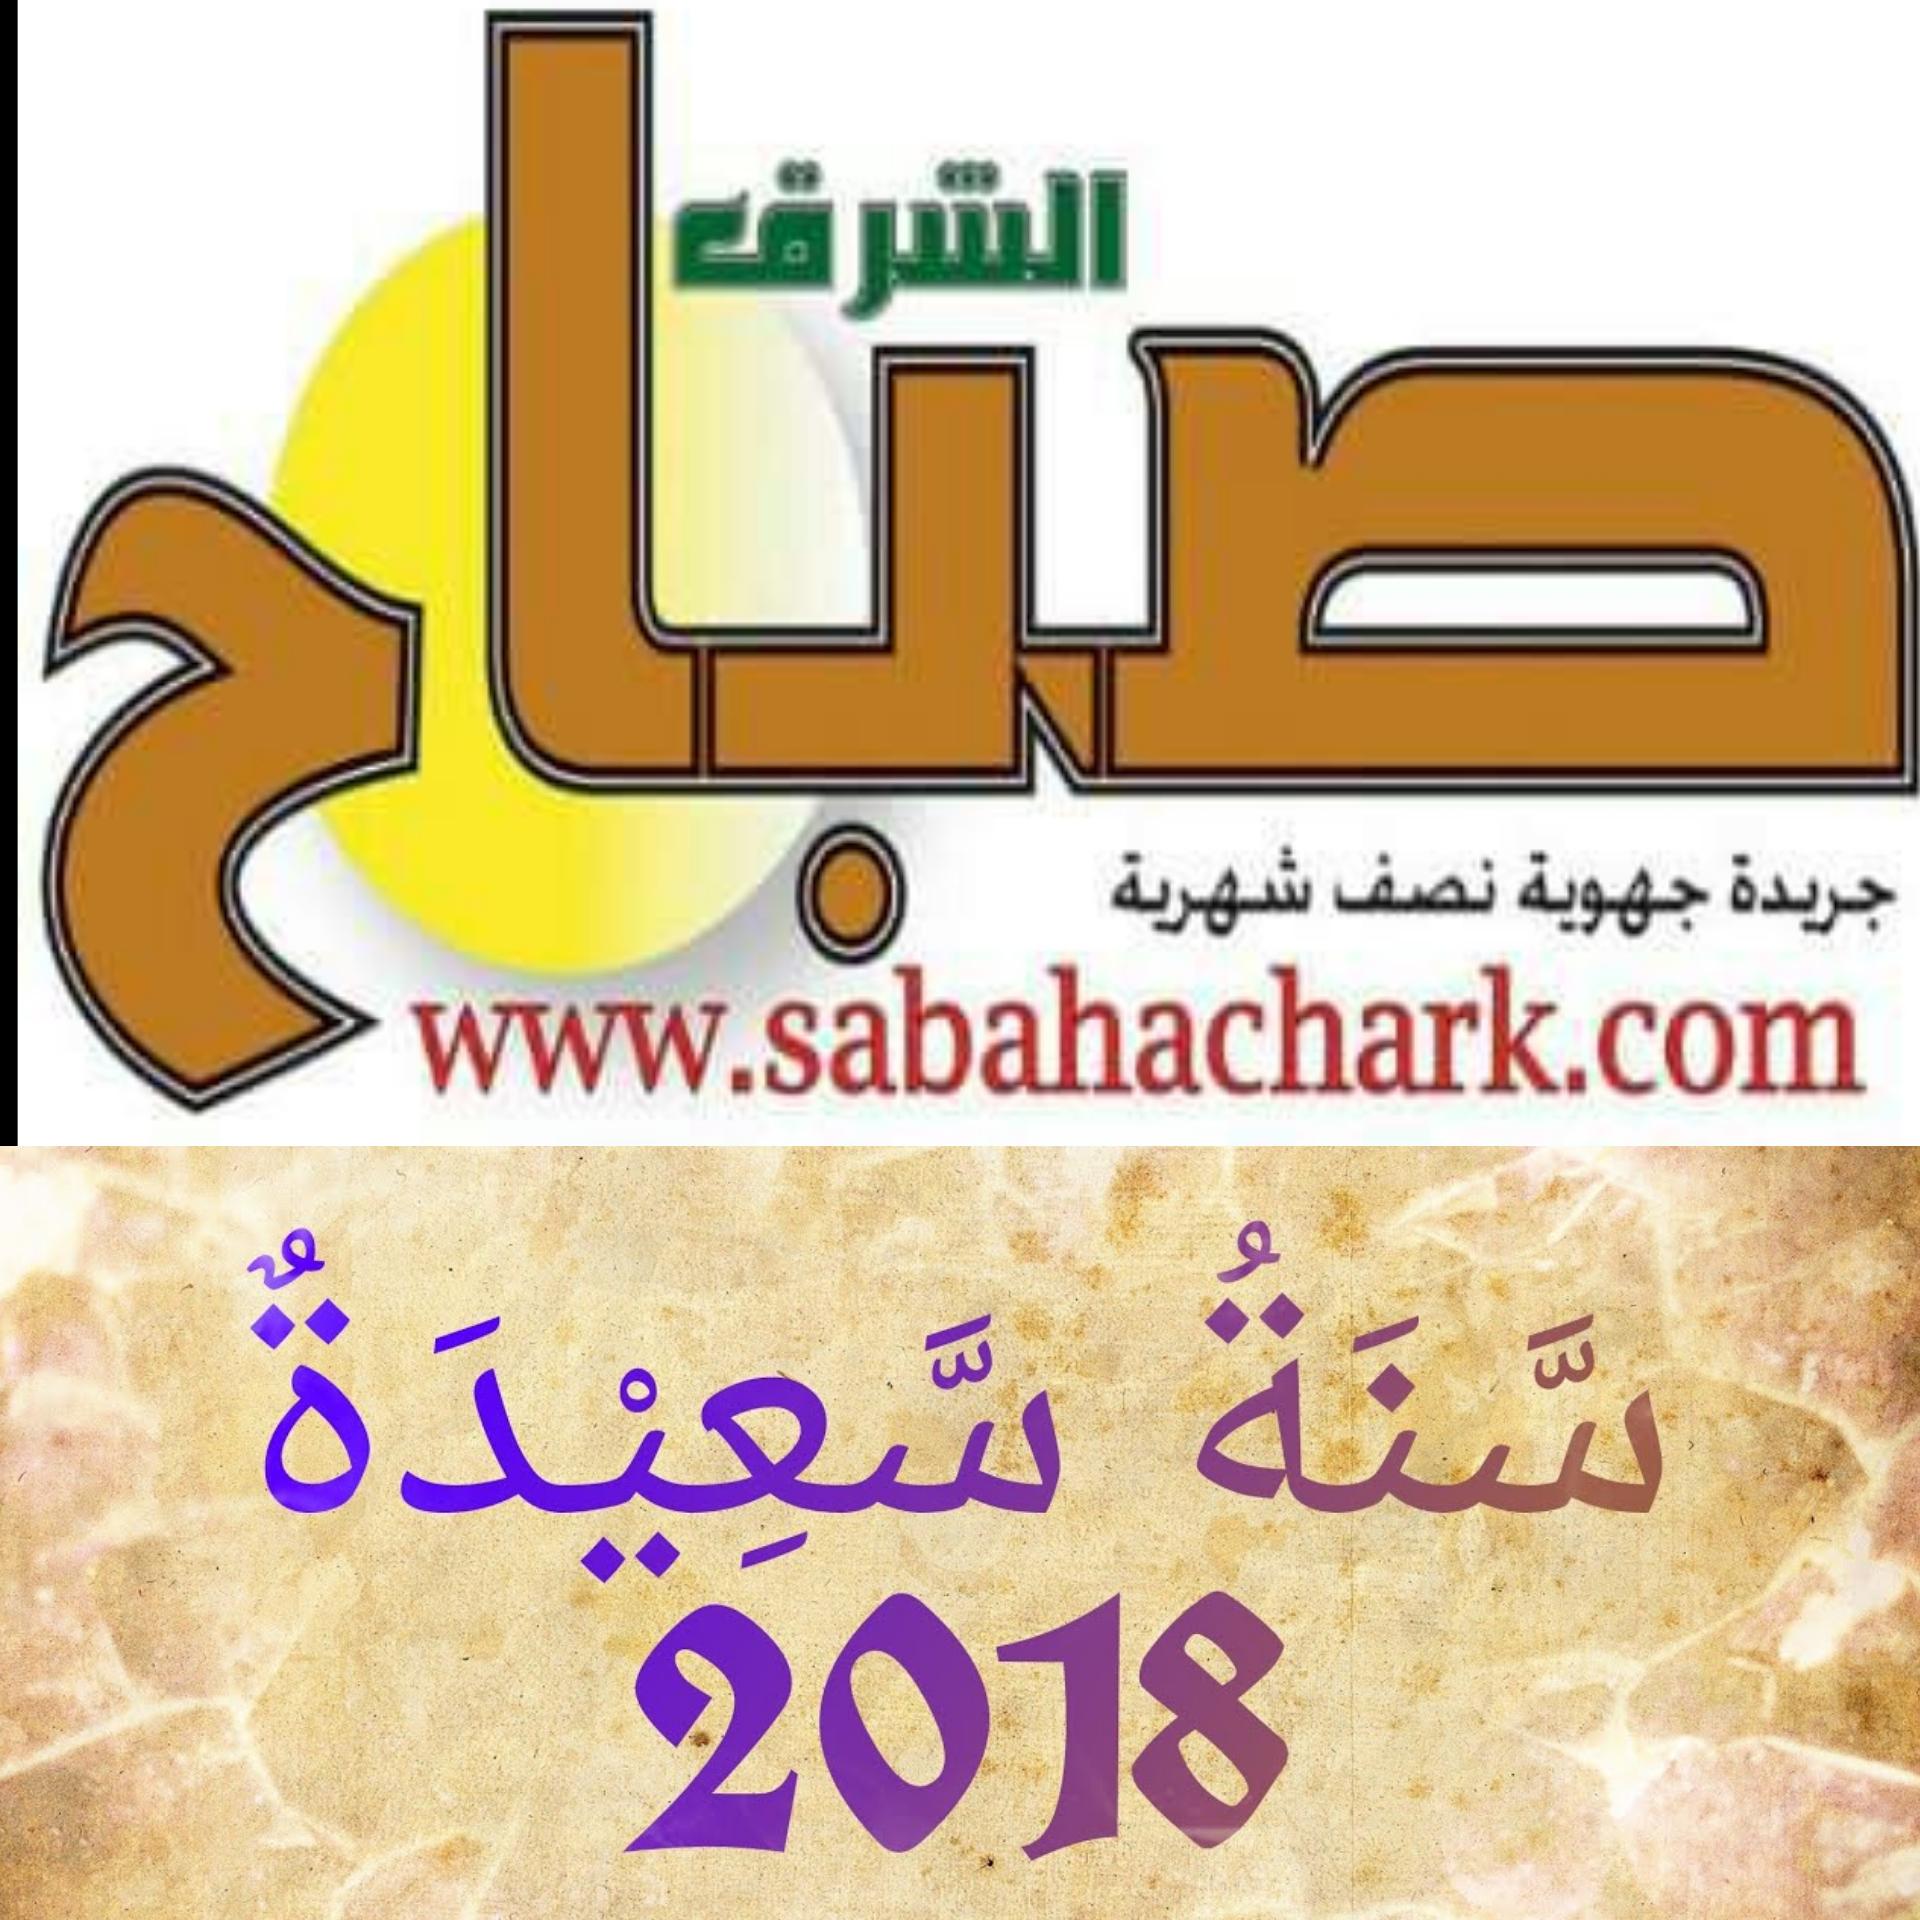 """موقع """"صباح الشرق"""" يتمنى لقرائه سنة سعيدة 2018"""